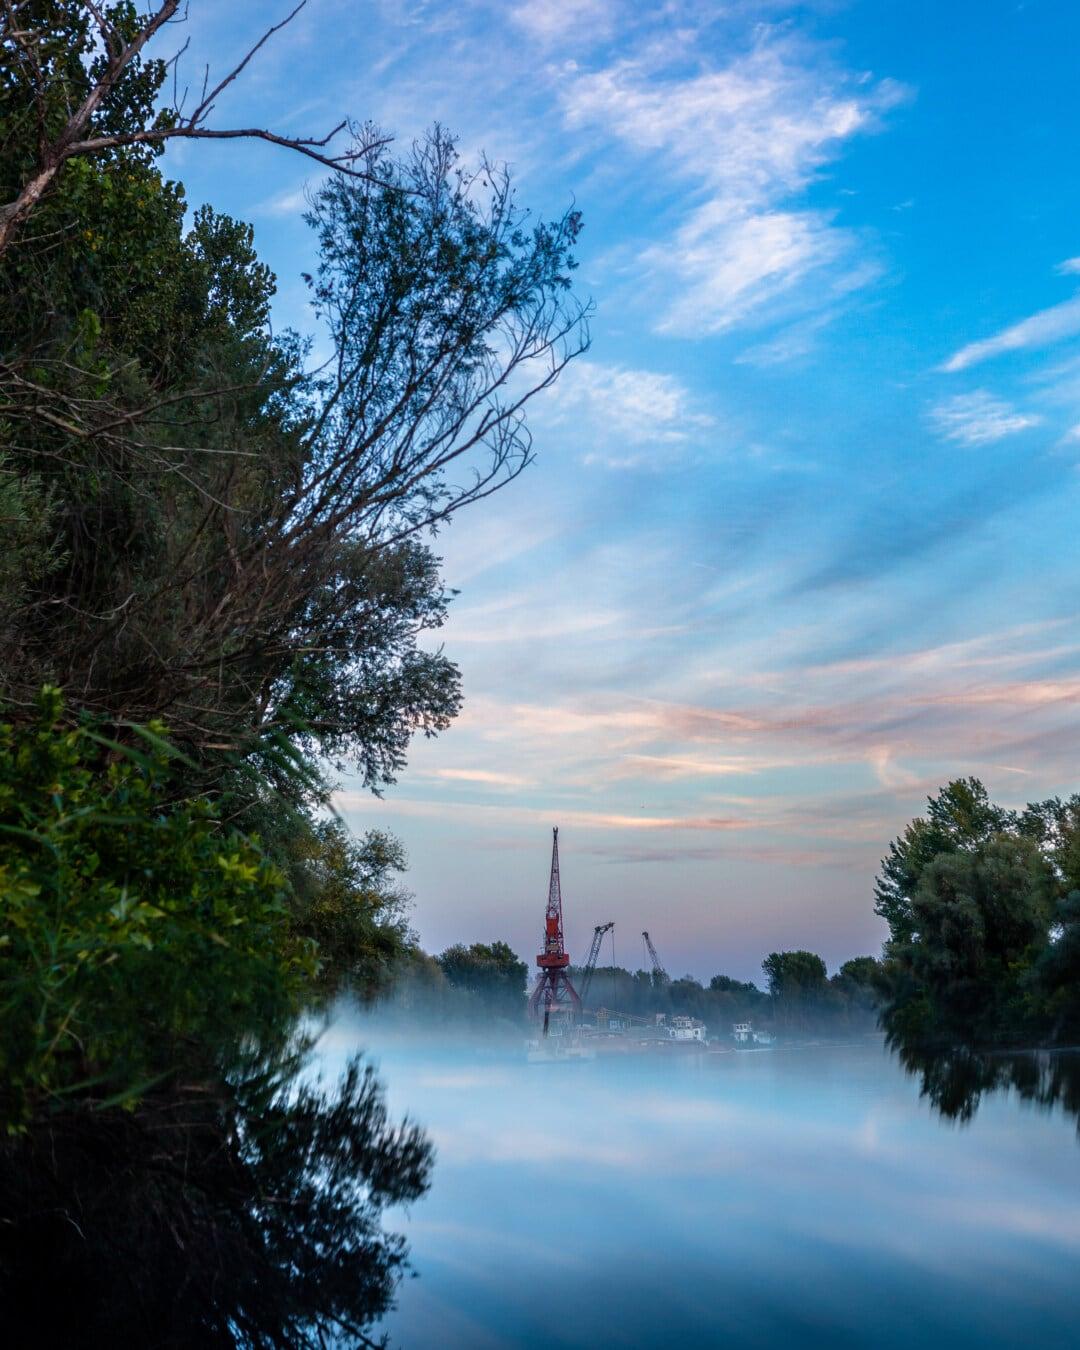 idyllisch, neblig, am See, Hafen, industrielle, Maschinen, Struktur, Ufer, Wasser, Landschaft